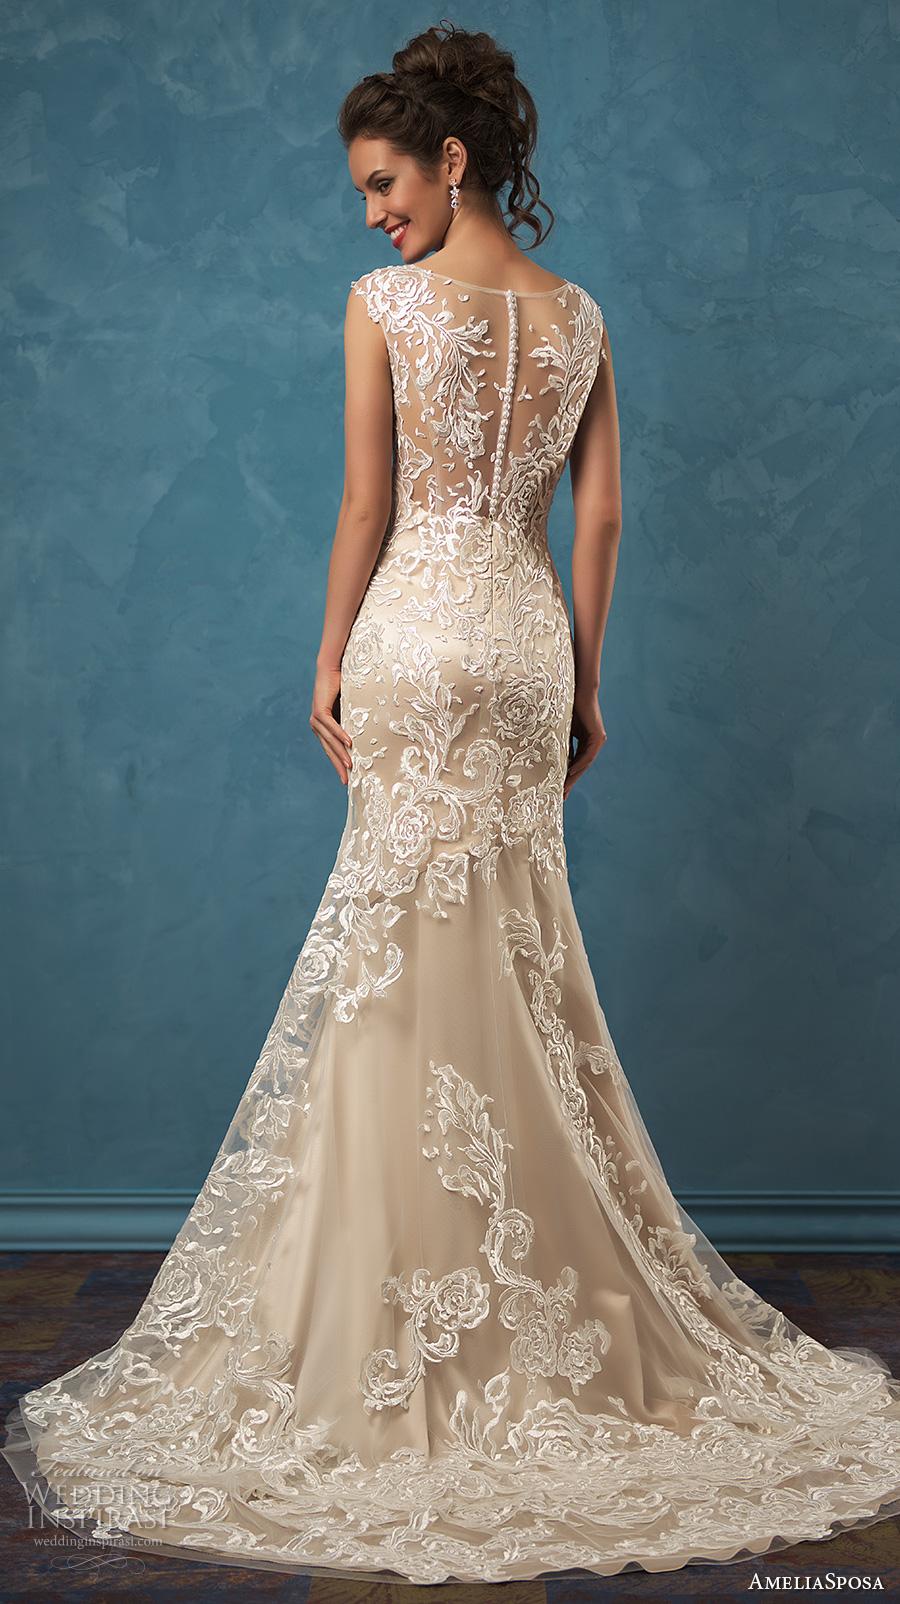 amelia sposa 2017 bridal sleeveless sheer lace thick strap v neck heavily embellished bodice elegant sheath wedding dress sheer lace back sweep train (olivia) bv